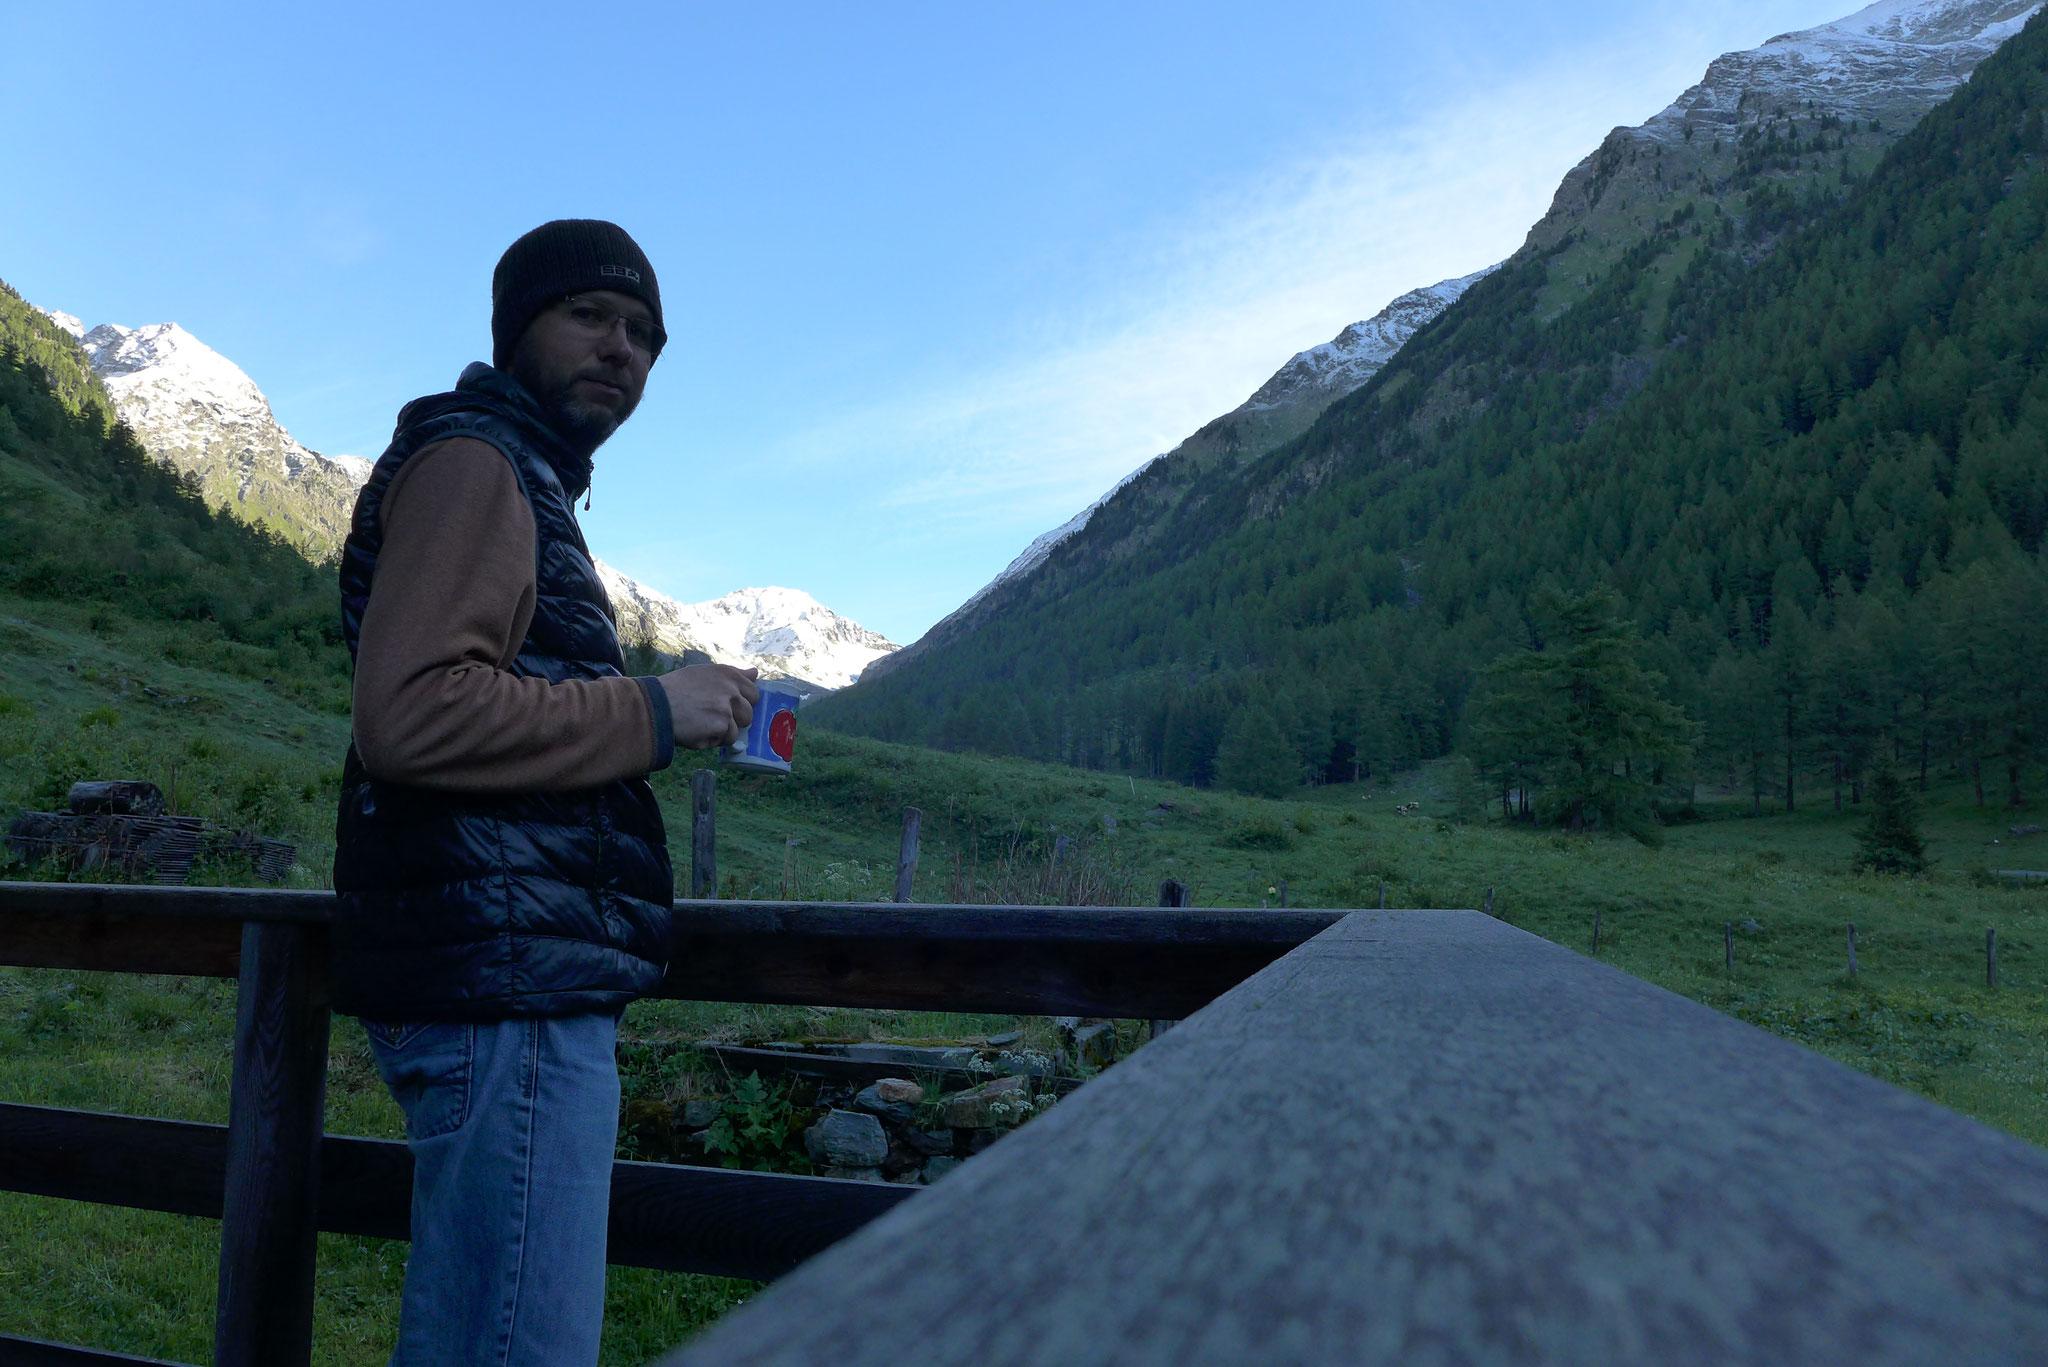 Früh morgens die Ruhe und den Ausblick mit einer Tasse Kaffee genießen - reine(r) Berge.